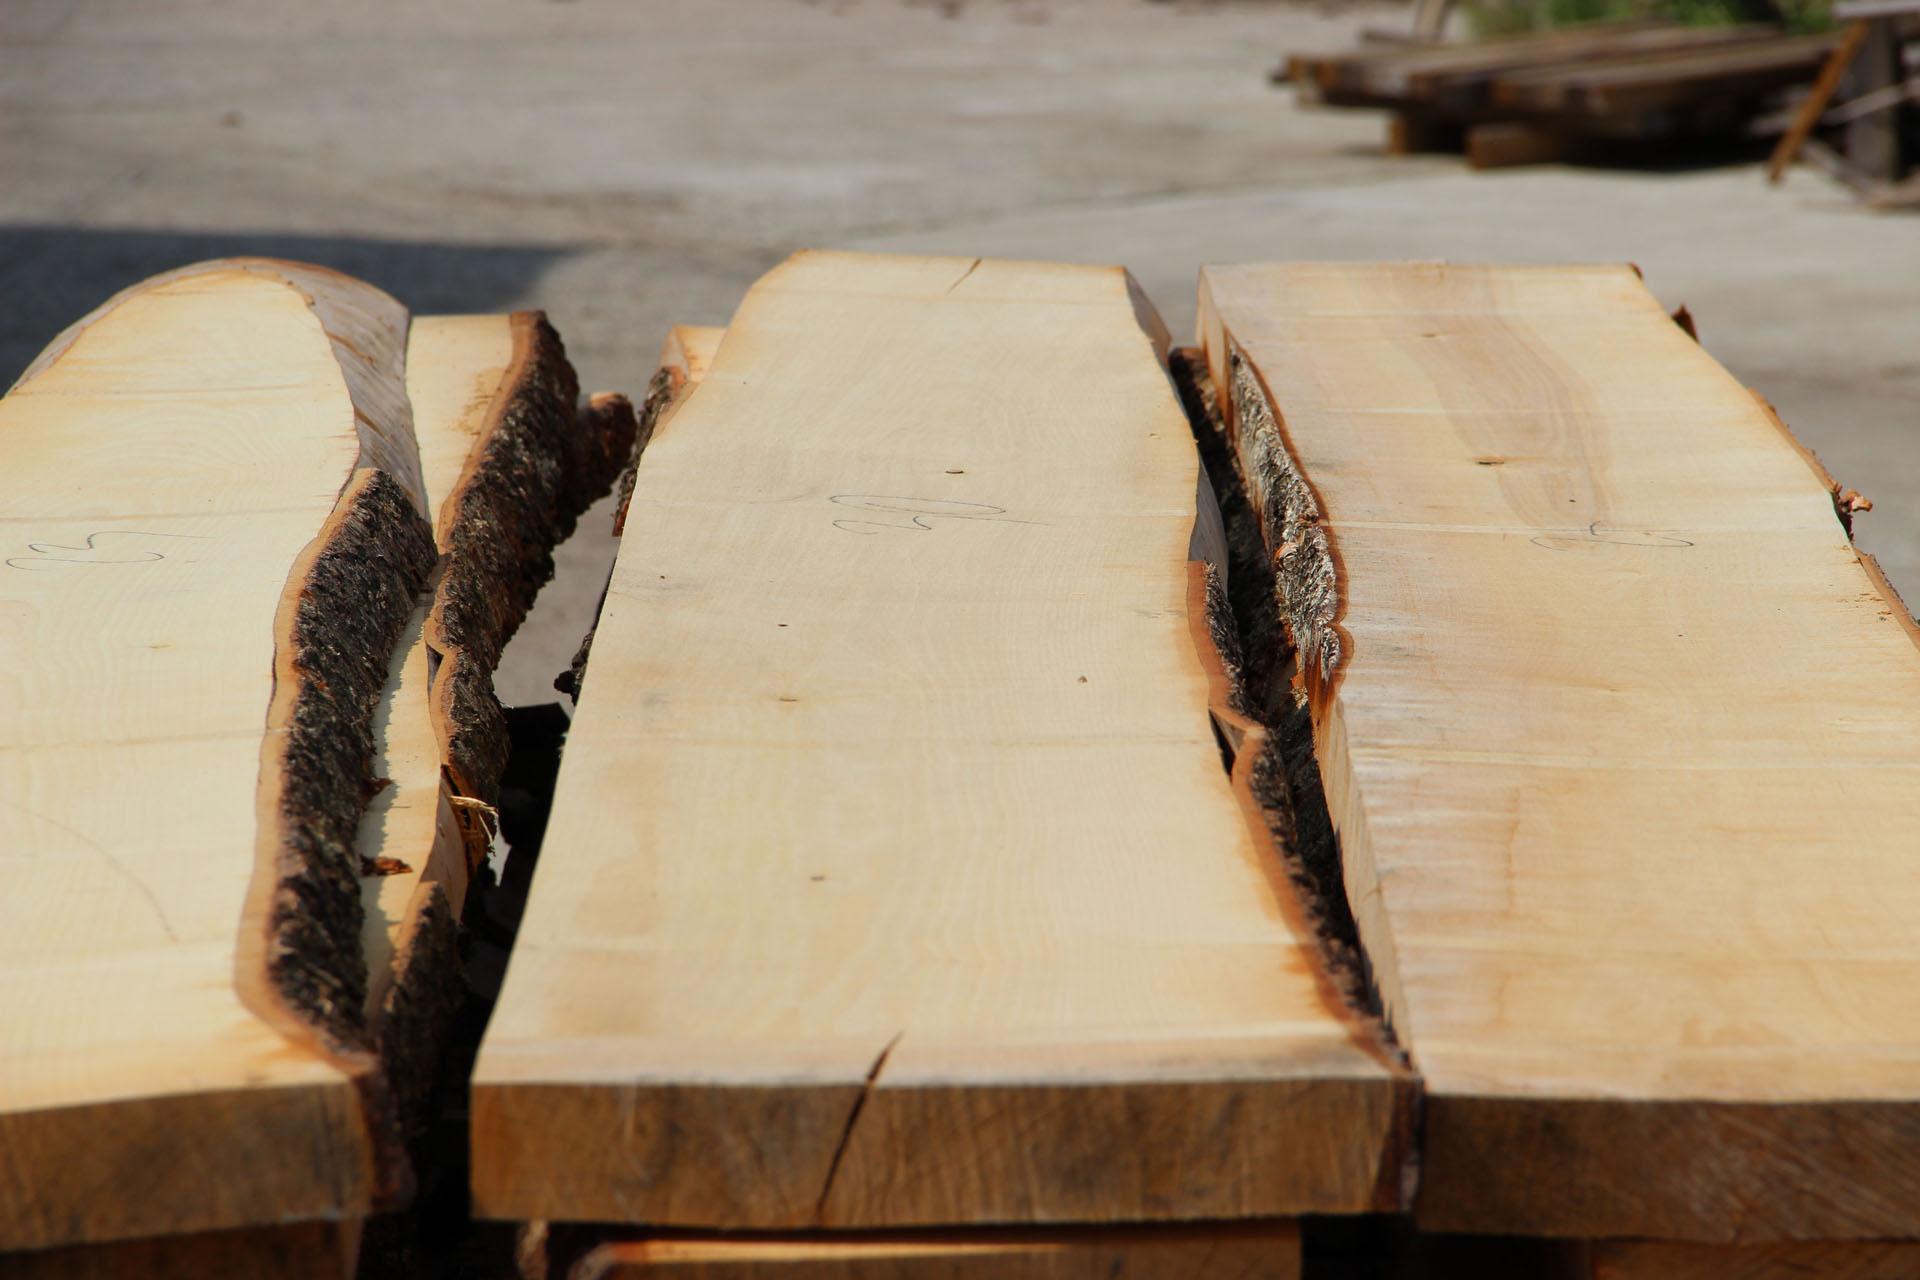 Что такое горбыль – как выглядит, из какого дерева делают, где используют, основные виды